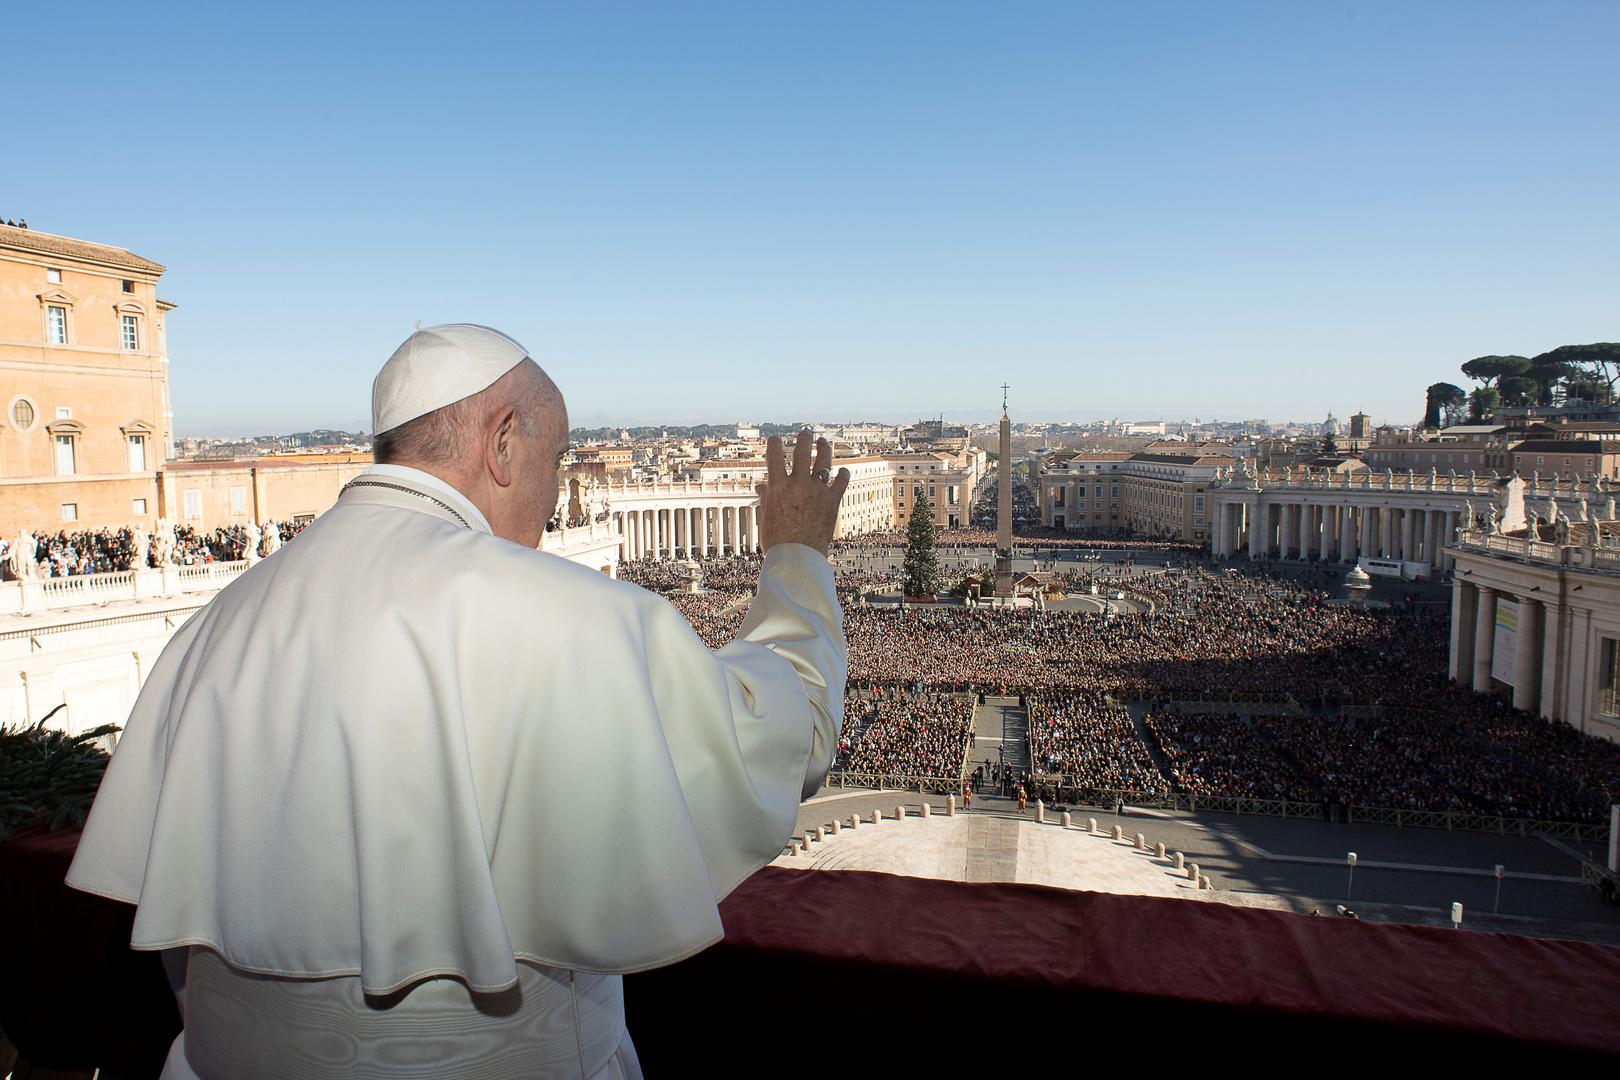 البابا فرنسيس يصلي من أجل سوريا والعراق والشرق الأوسط